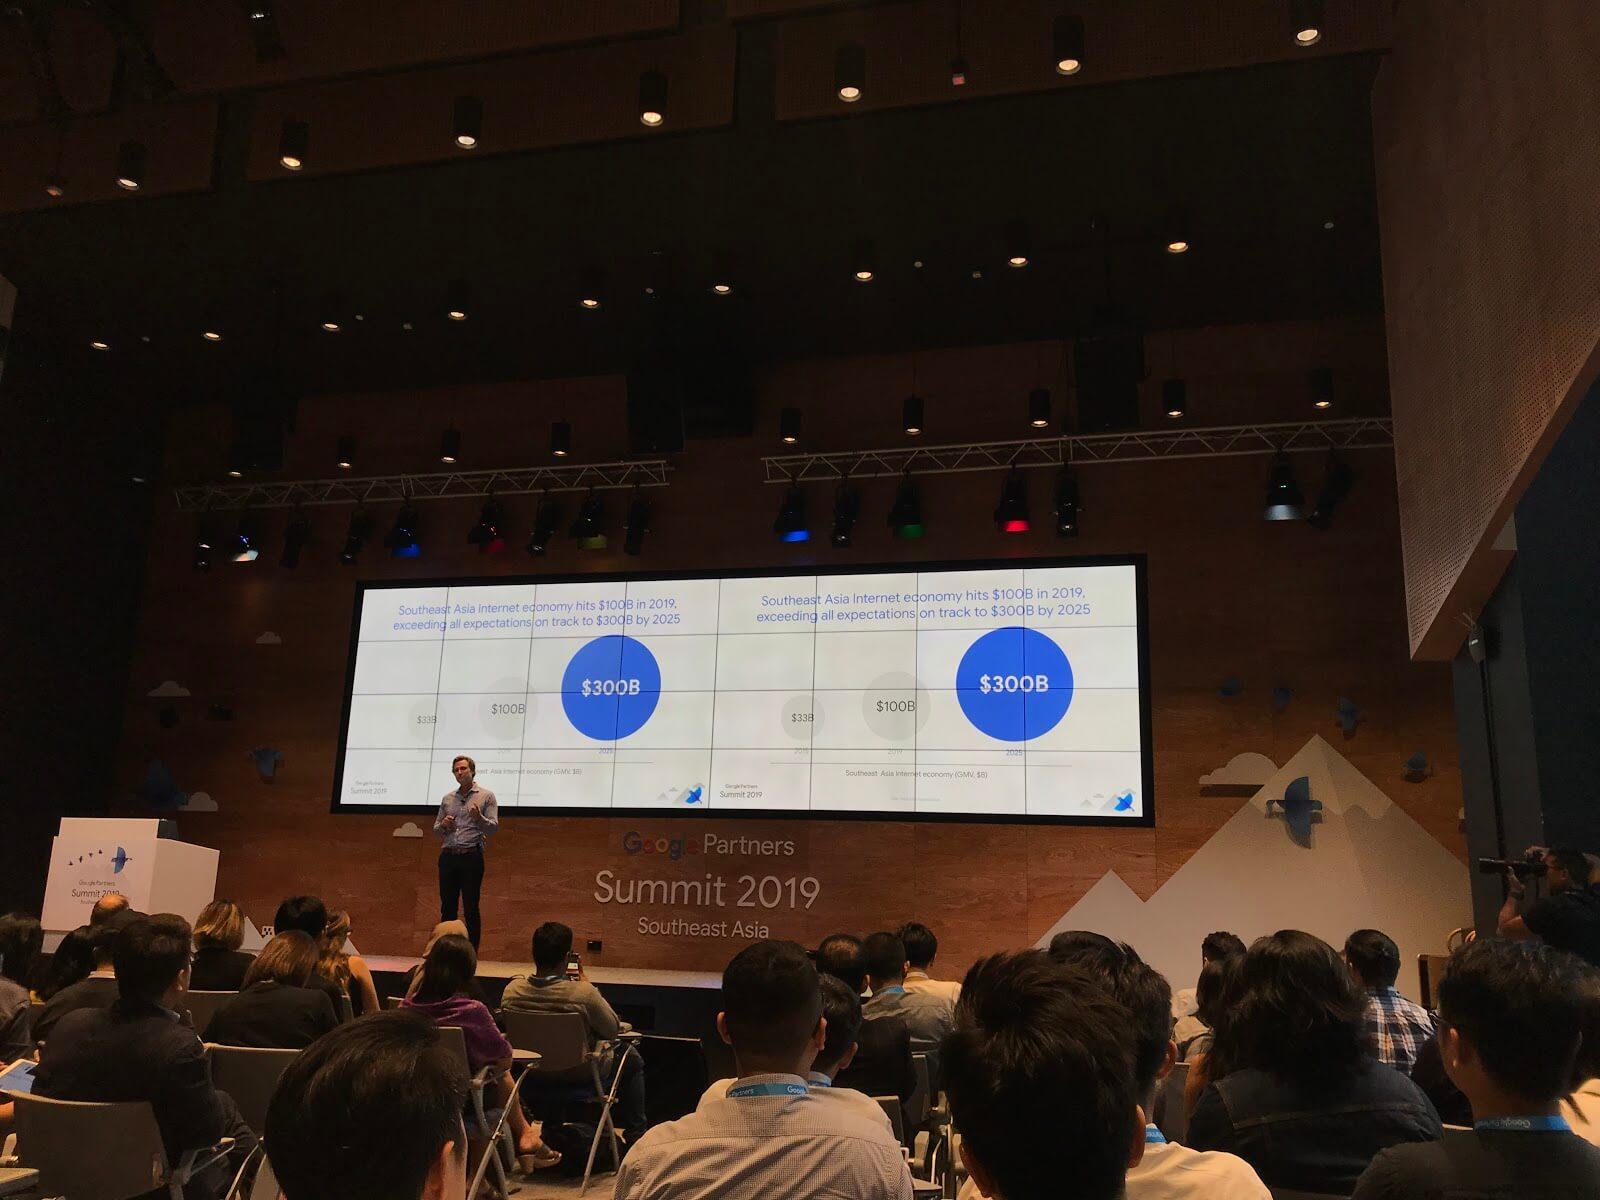 Các-Công-ty-SMB tham gia google partners summit 2019